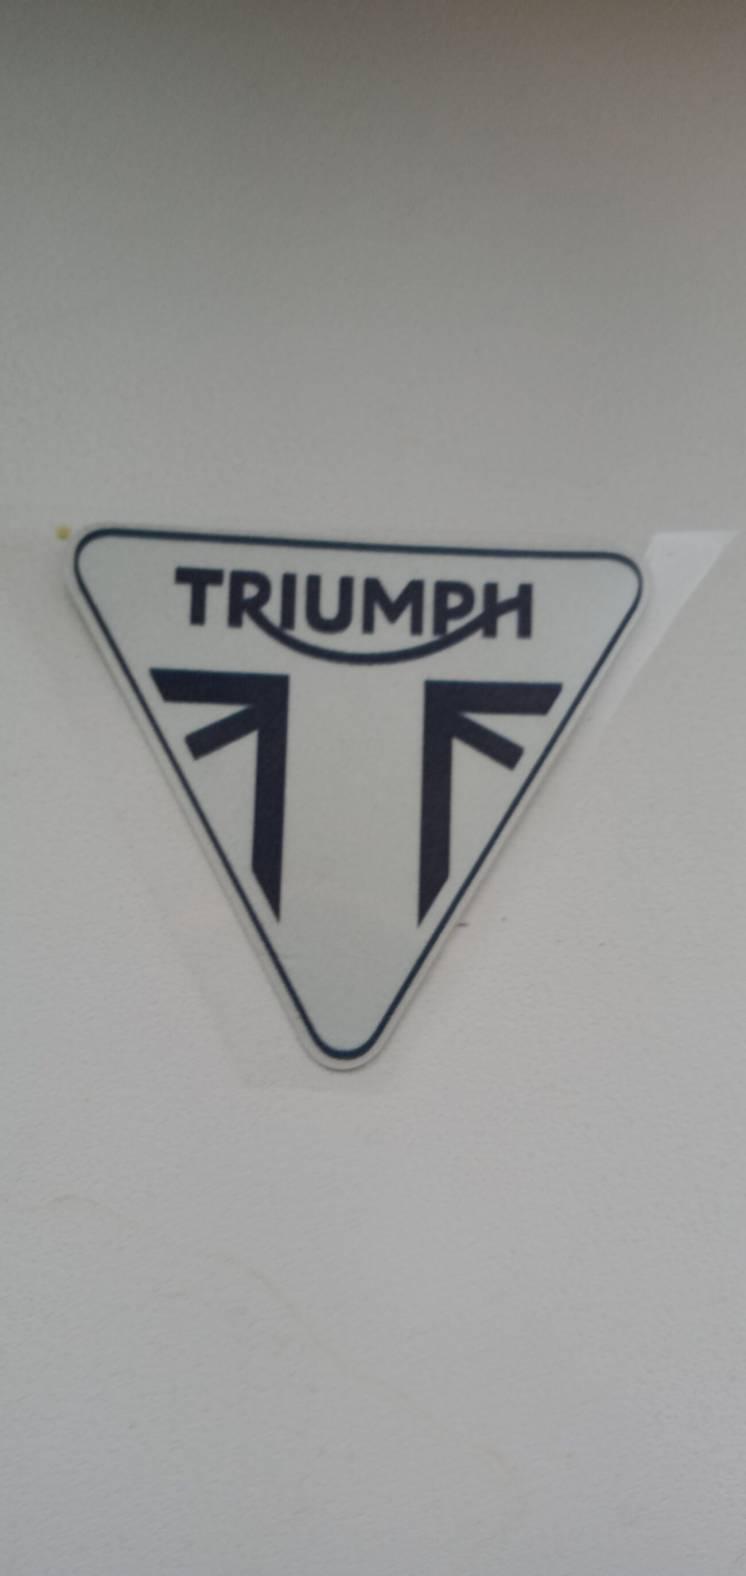 светоотражающая наклейка для мотоцикла Triumph Tiger 800 Daytona 675